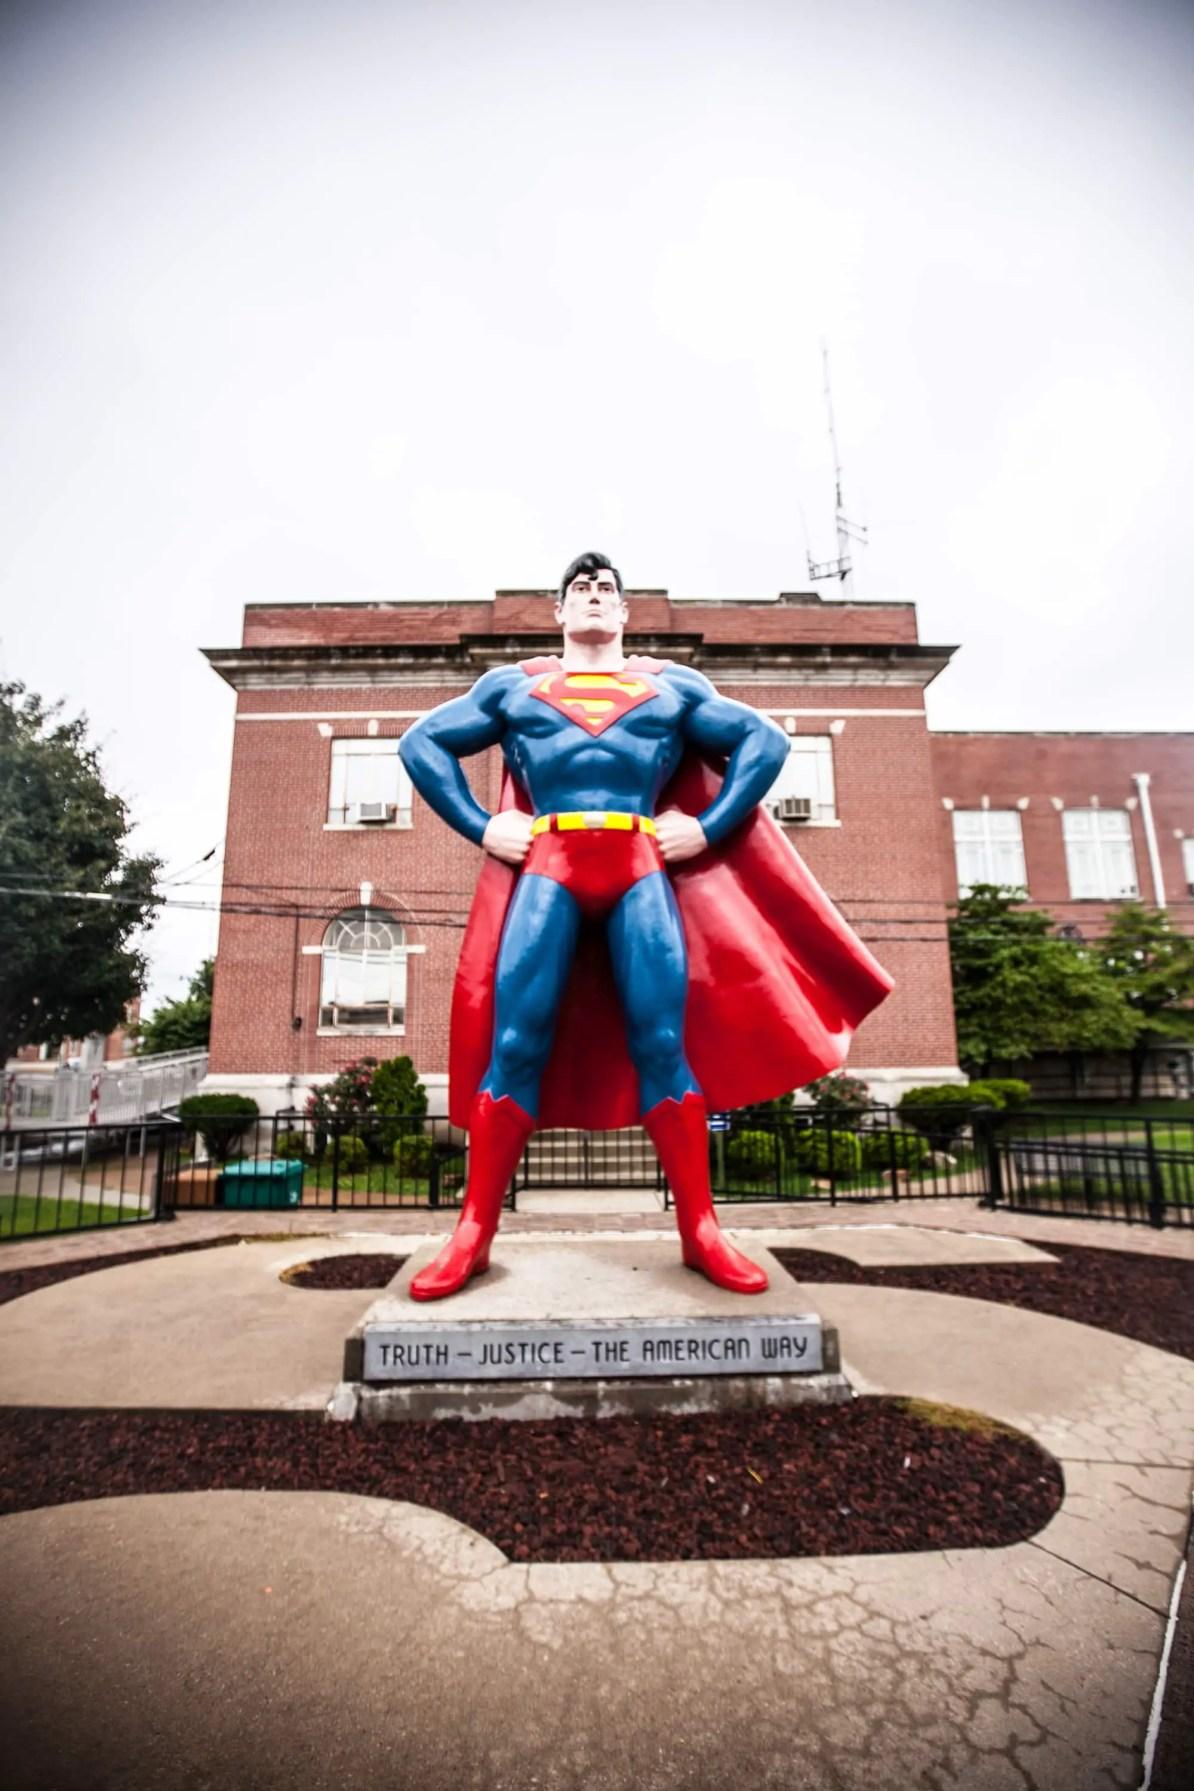 Giant Superman Statue in Metropolis, Illinois.